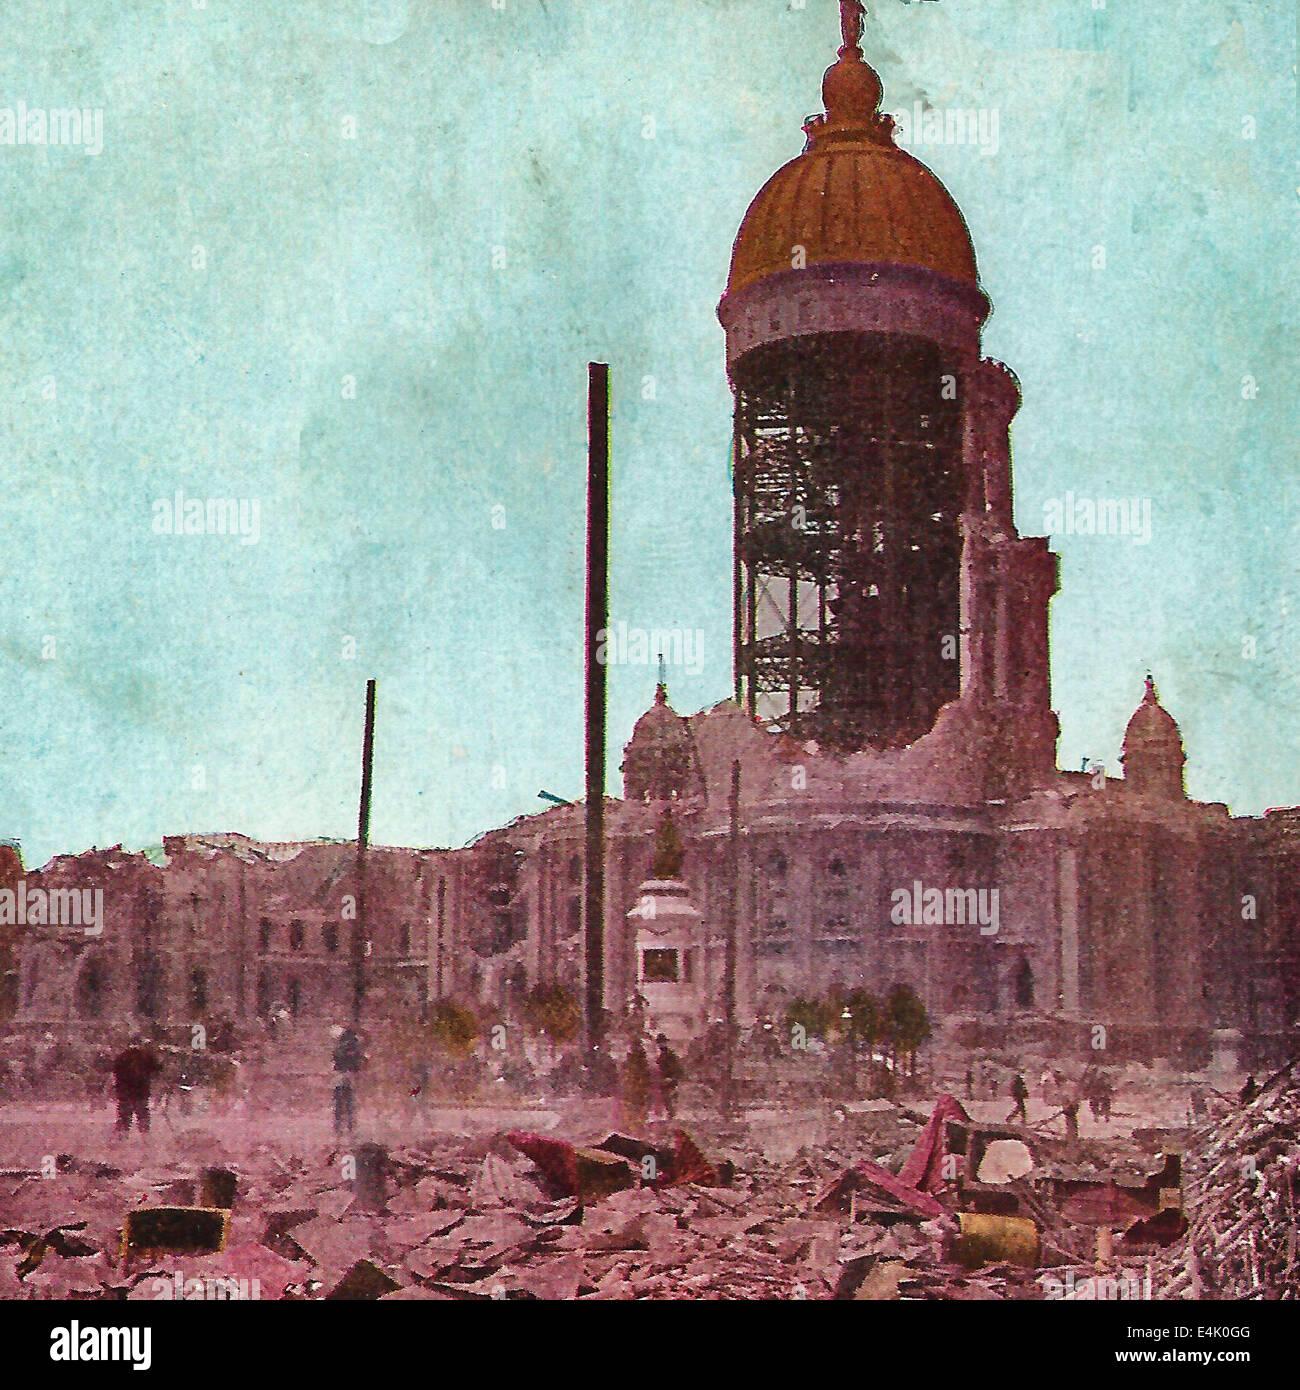 San Francisco sechs - Millionen Dollar-Rathaus mit der kommunalen Datensätze durch Erdbeben zerstört Stockfoto